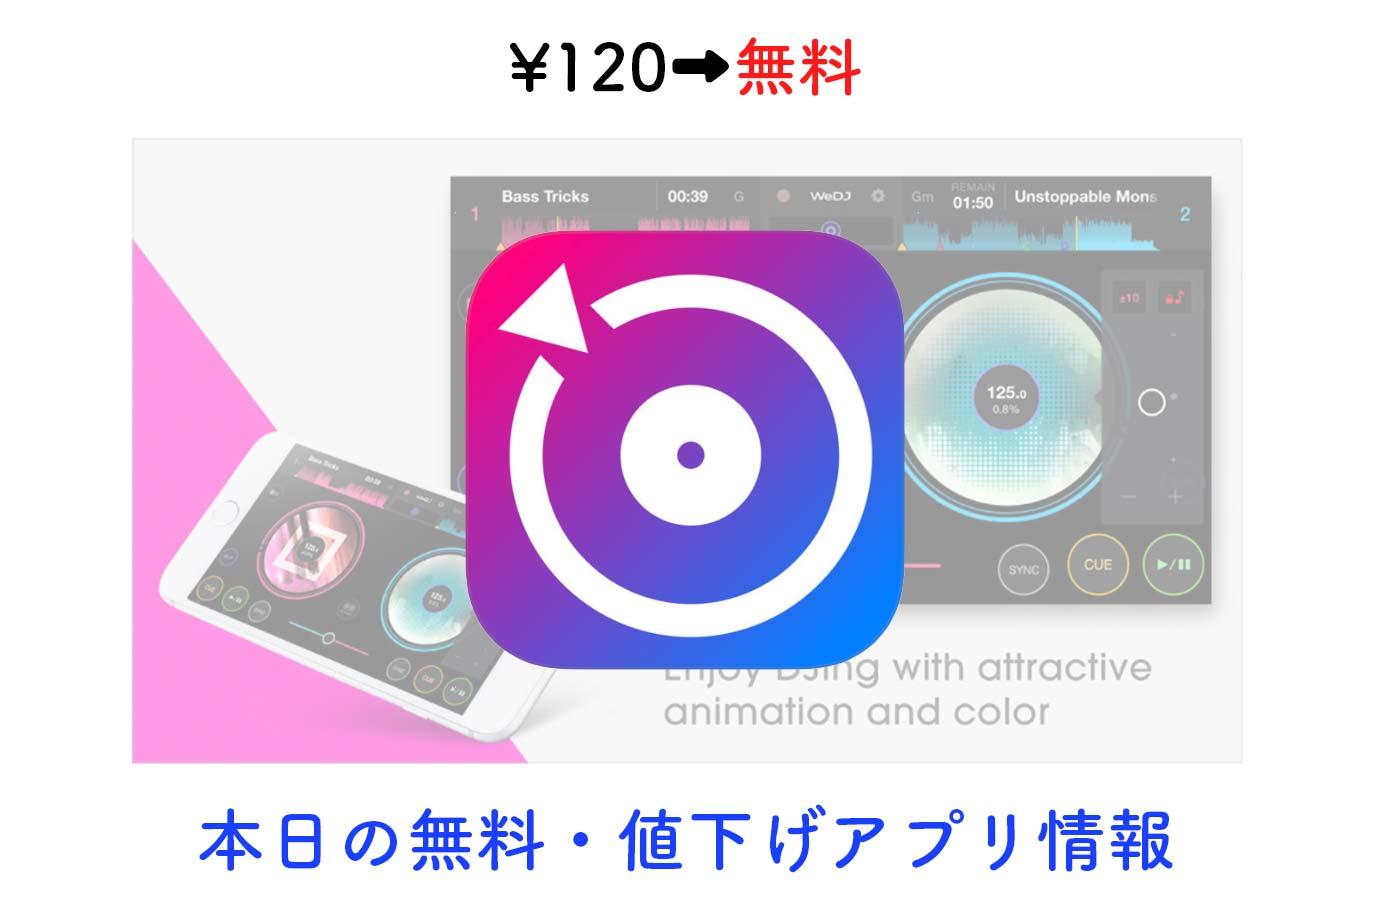 ¥120→無料、iPhoneで簡単にDJプレイができる「WeDJ for iPhone」など【9/17】本日の無料・値下げアプリ情報